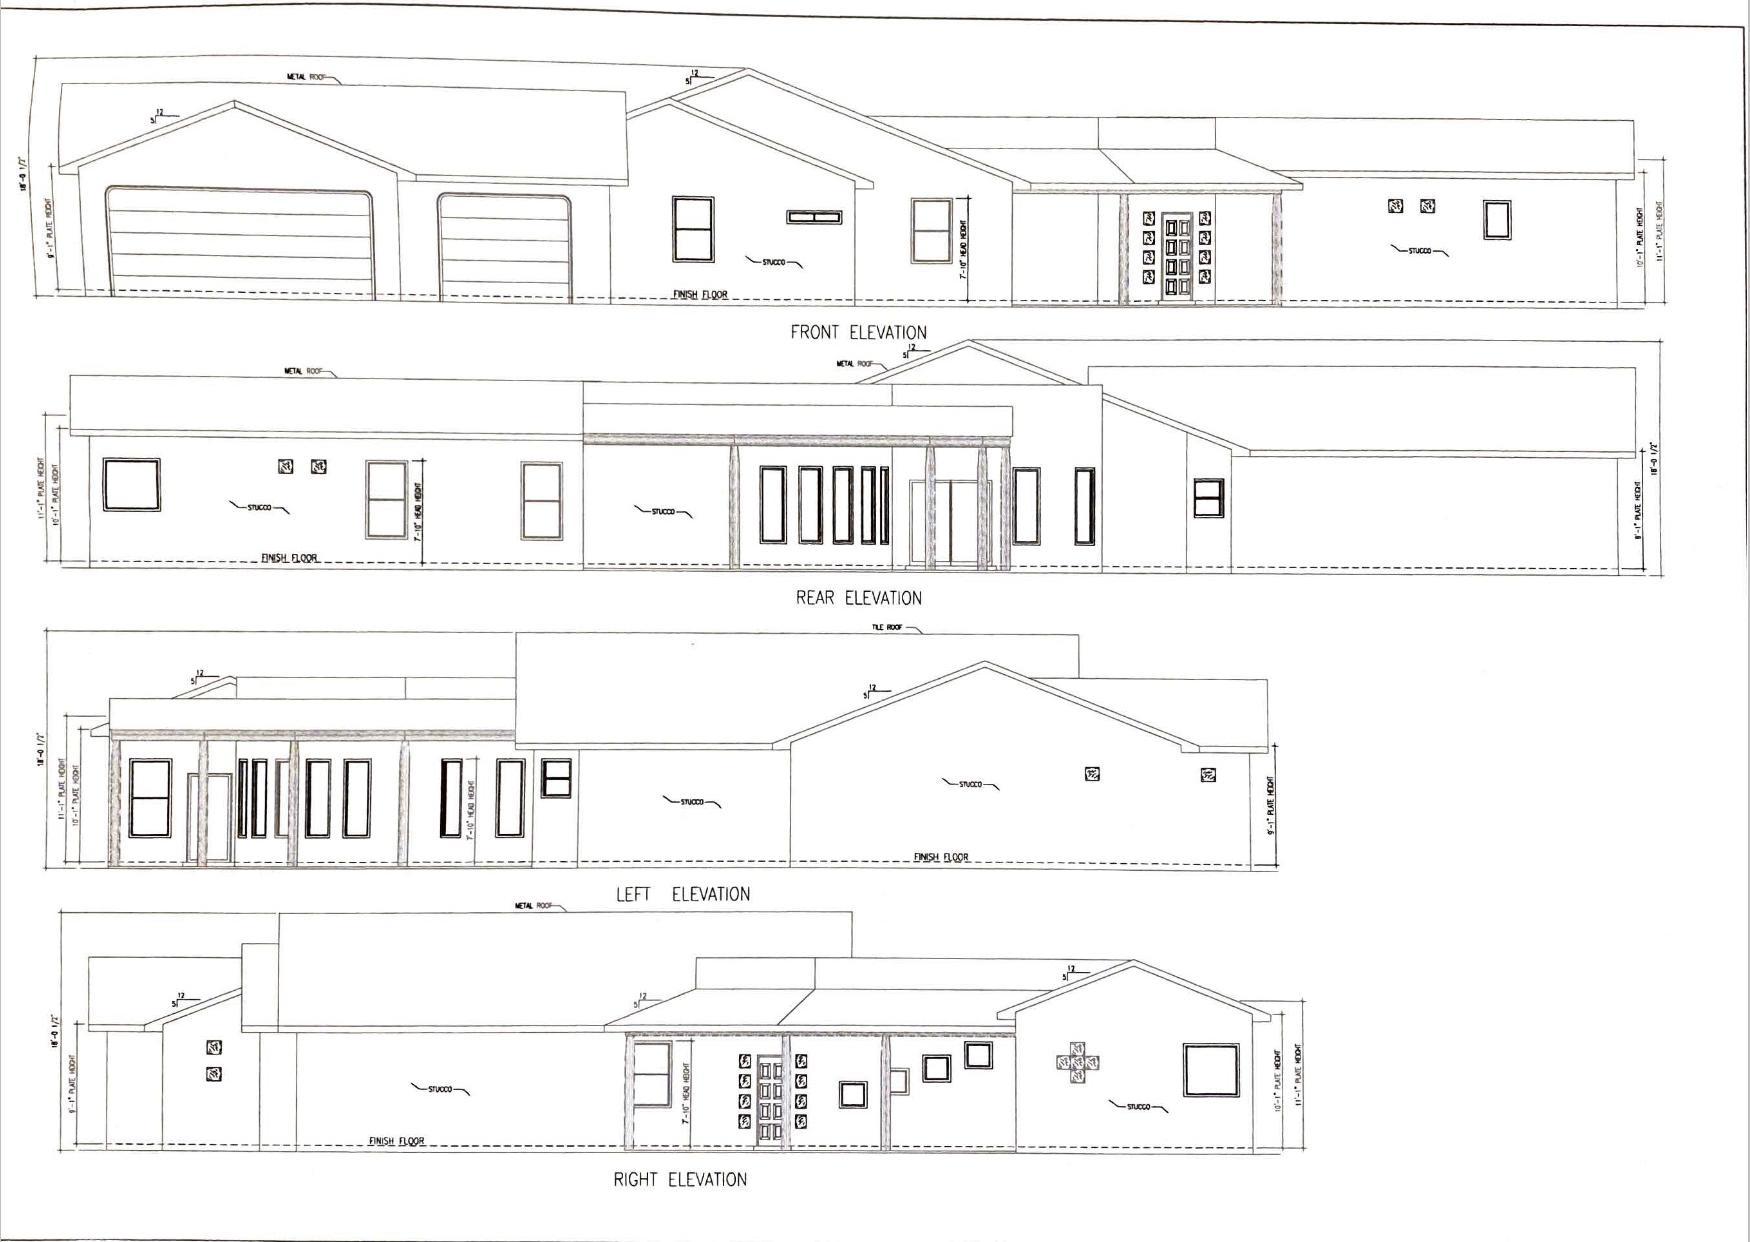 5121 Onies Court NE, Rio Rancho, NM 87144 - Rio Rancho, NM real estate listing